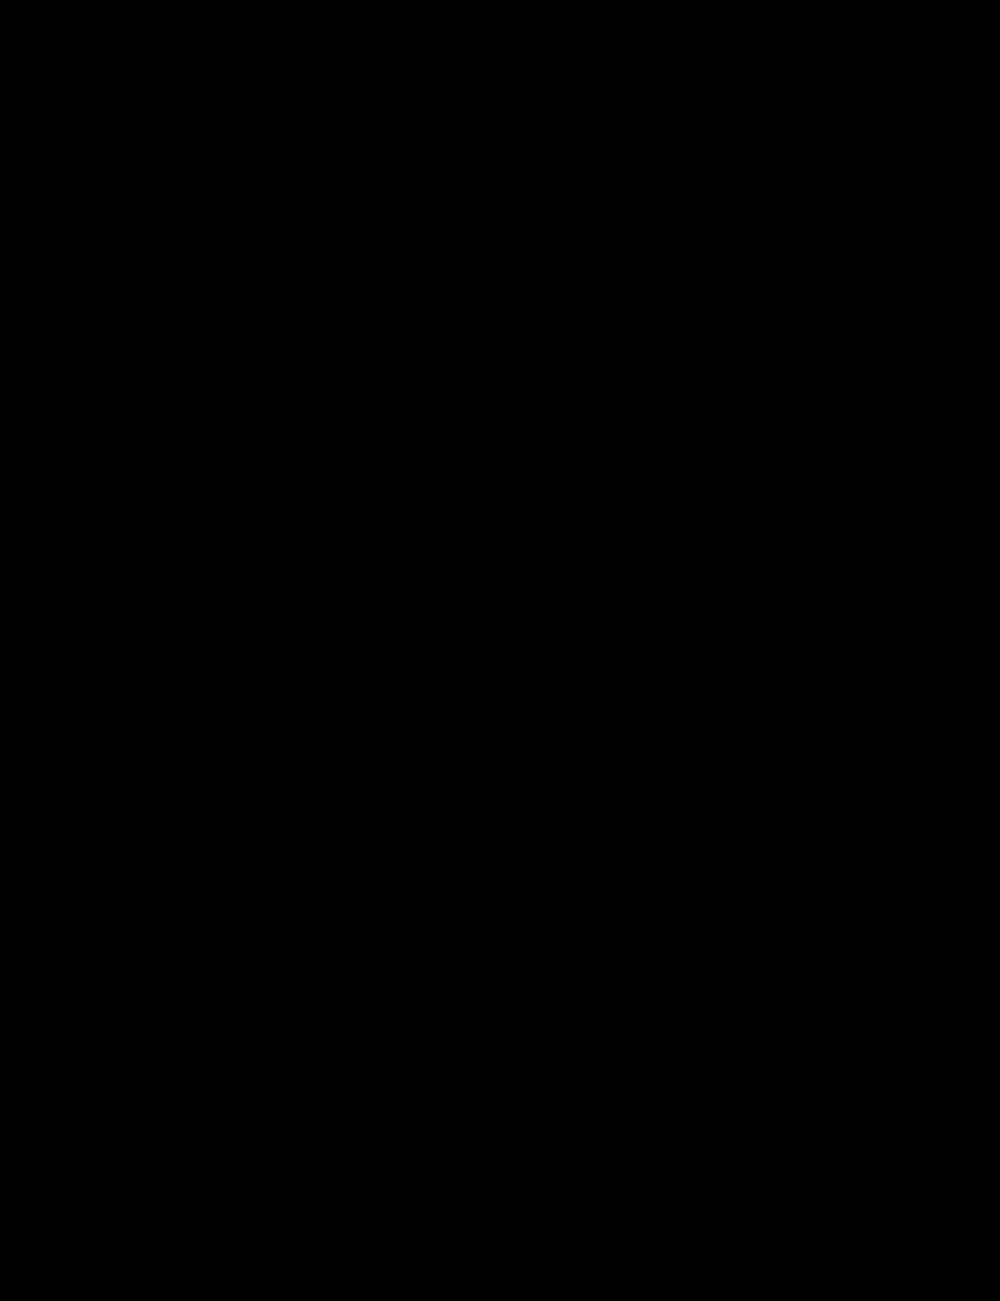 Le carré vaporeux